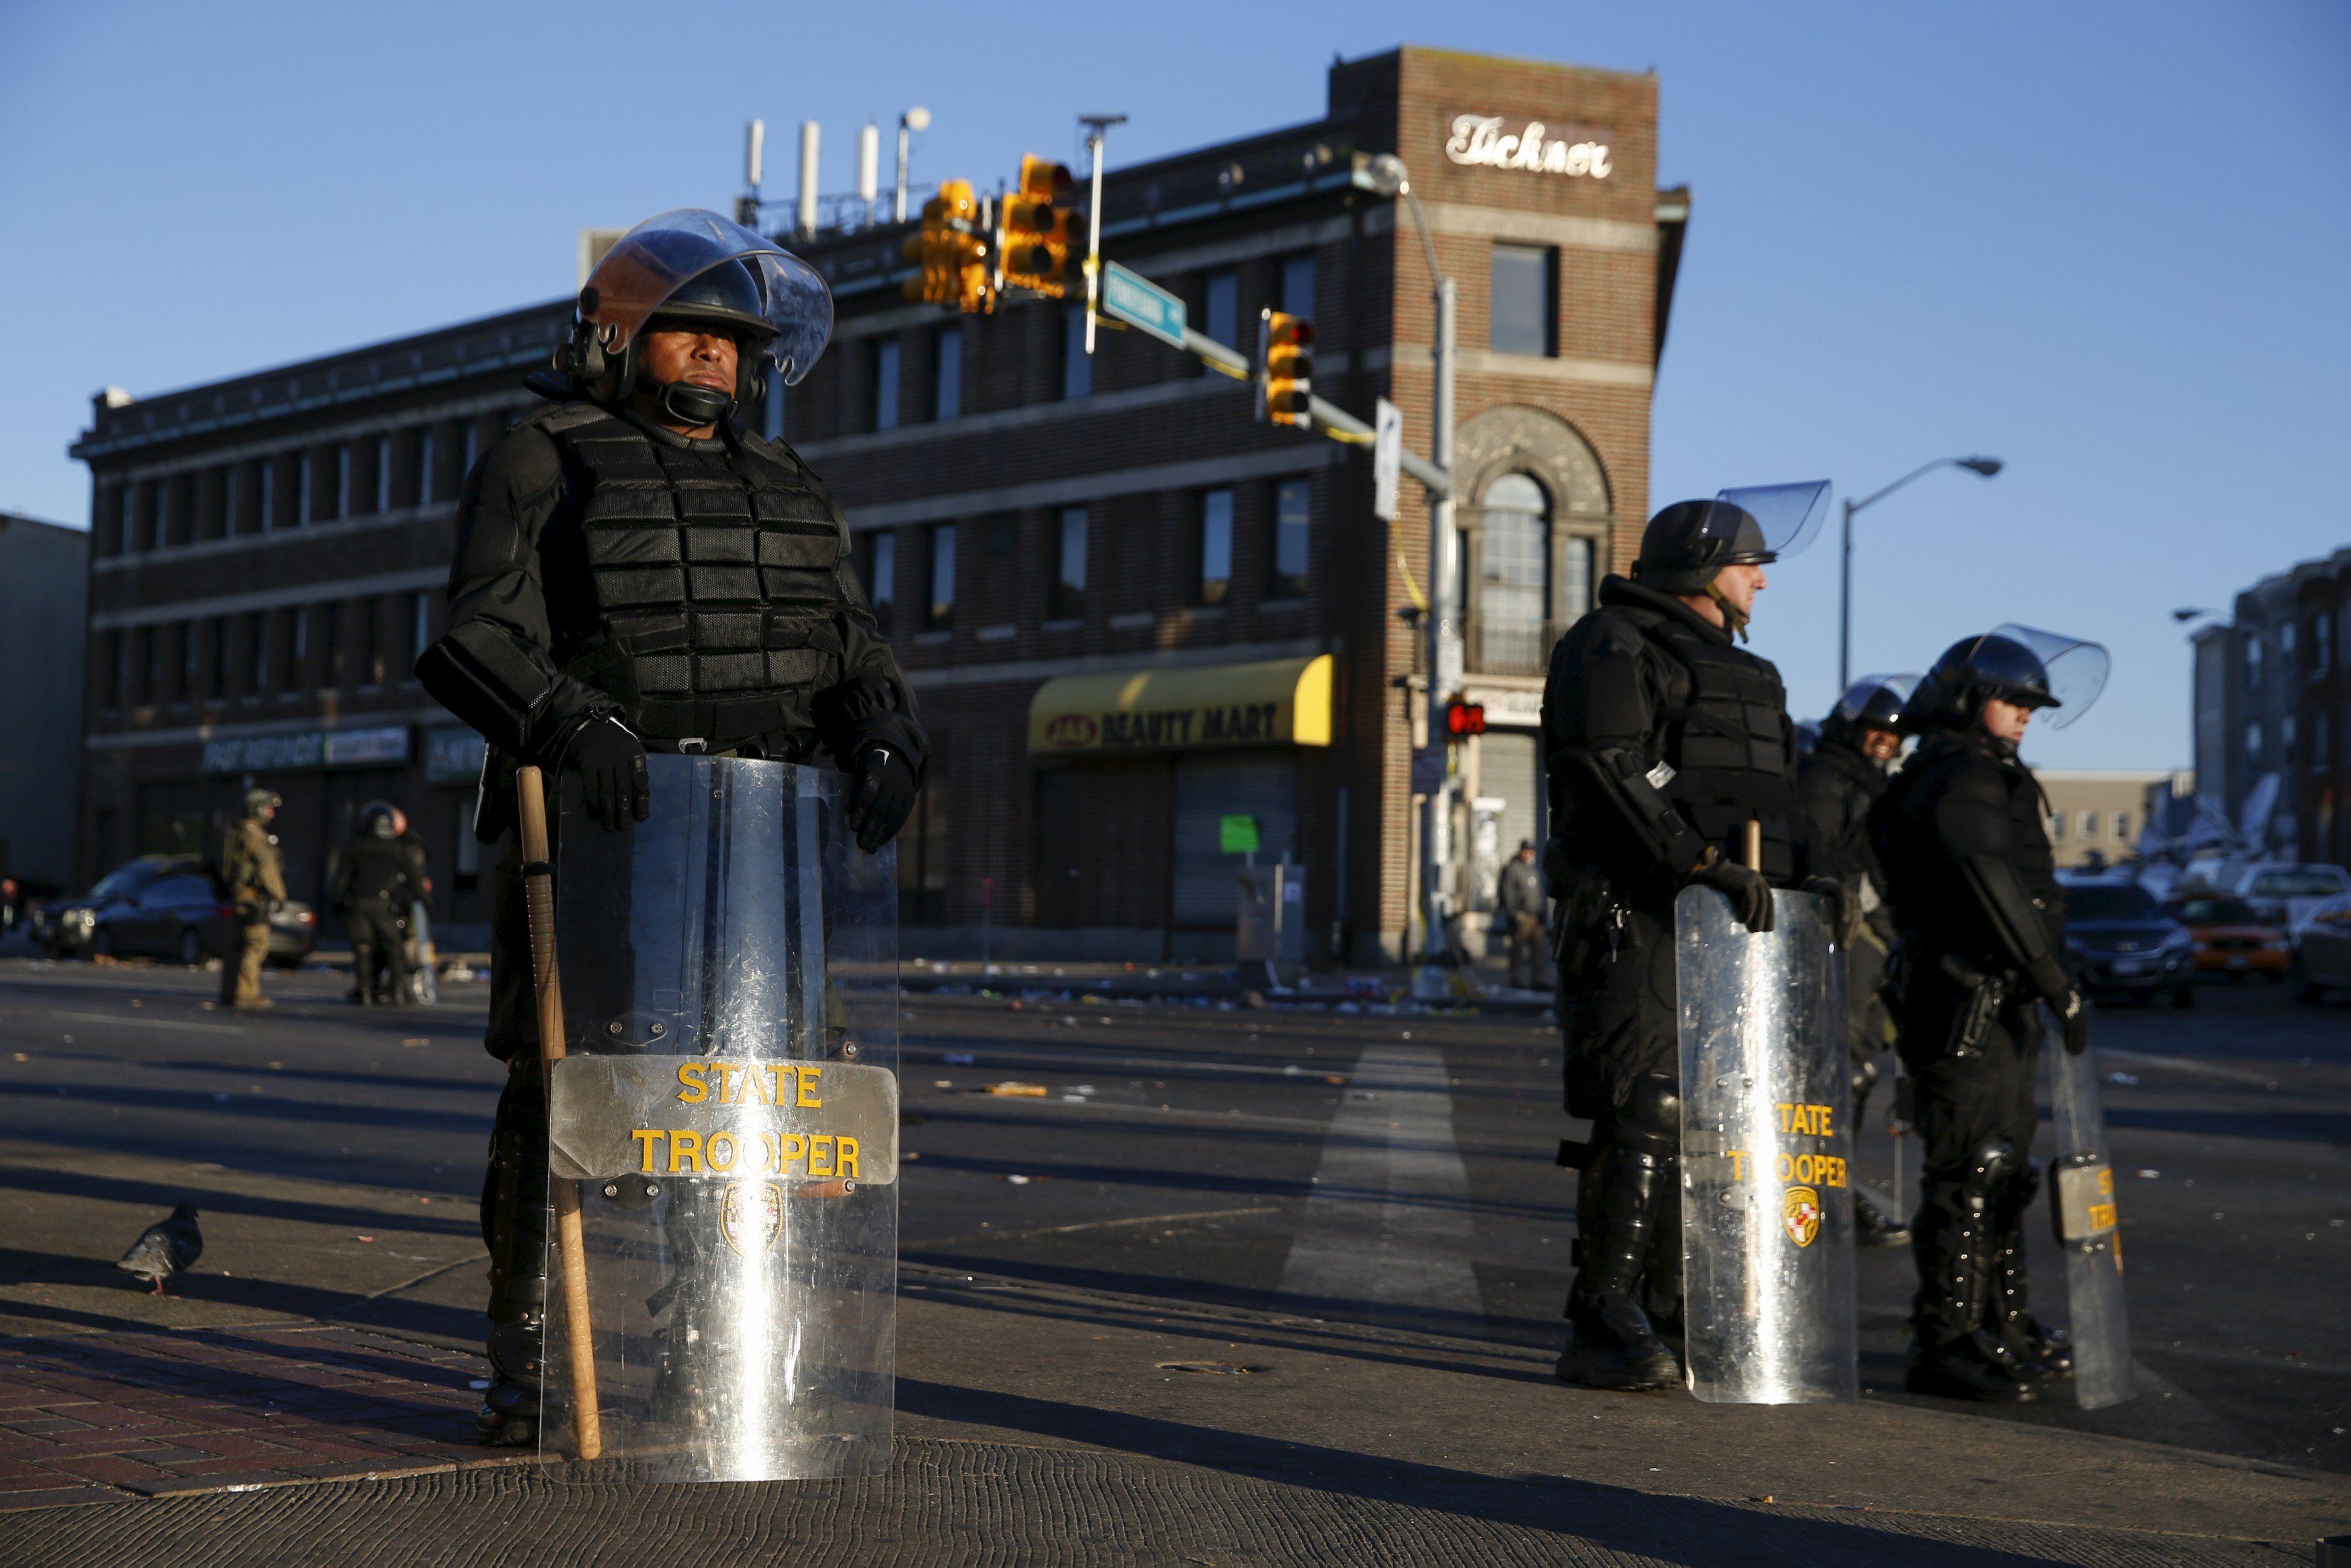 На помощь полиции в Балтимор ввели Нацгвардию